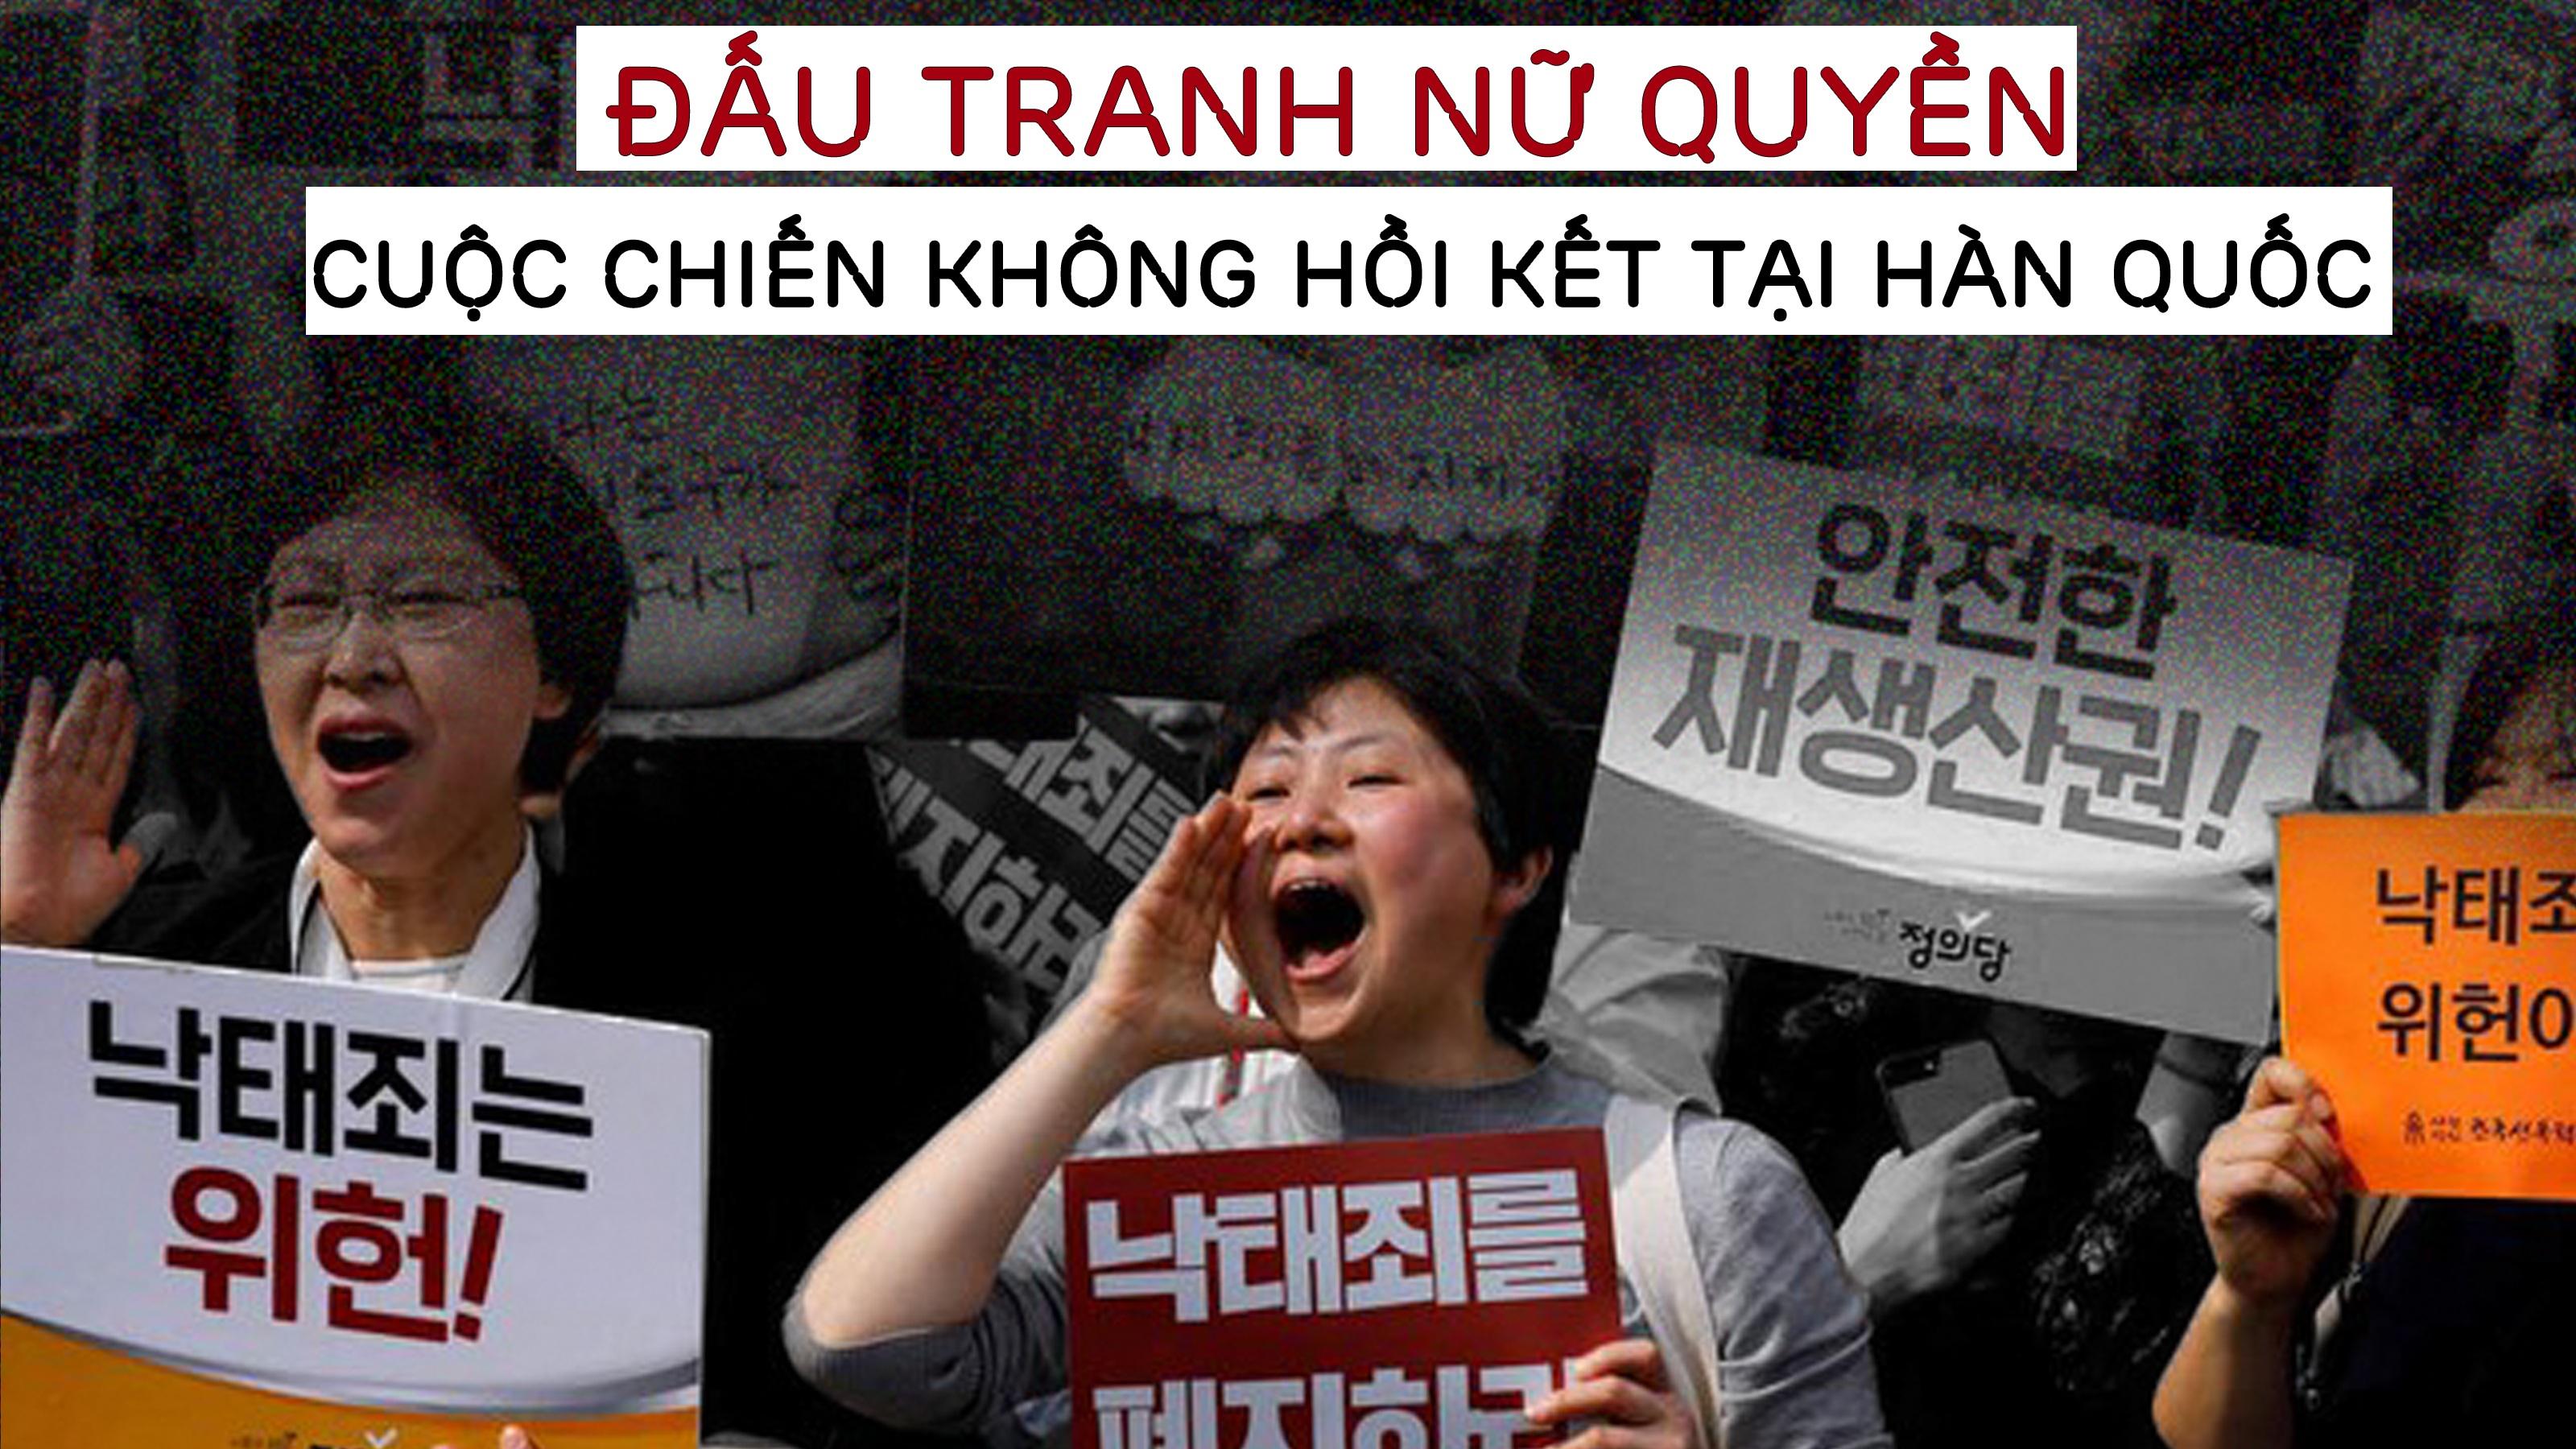 Đấu tranh nữ quyền - Cuộc chiến không hồi kết tại Hàn Quốc